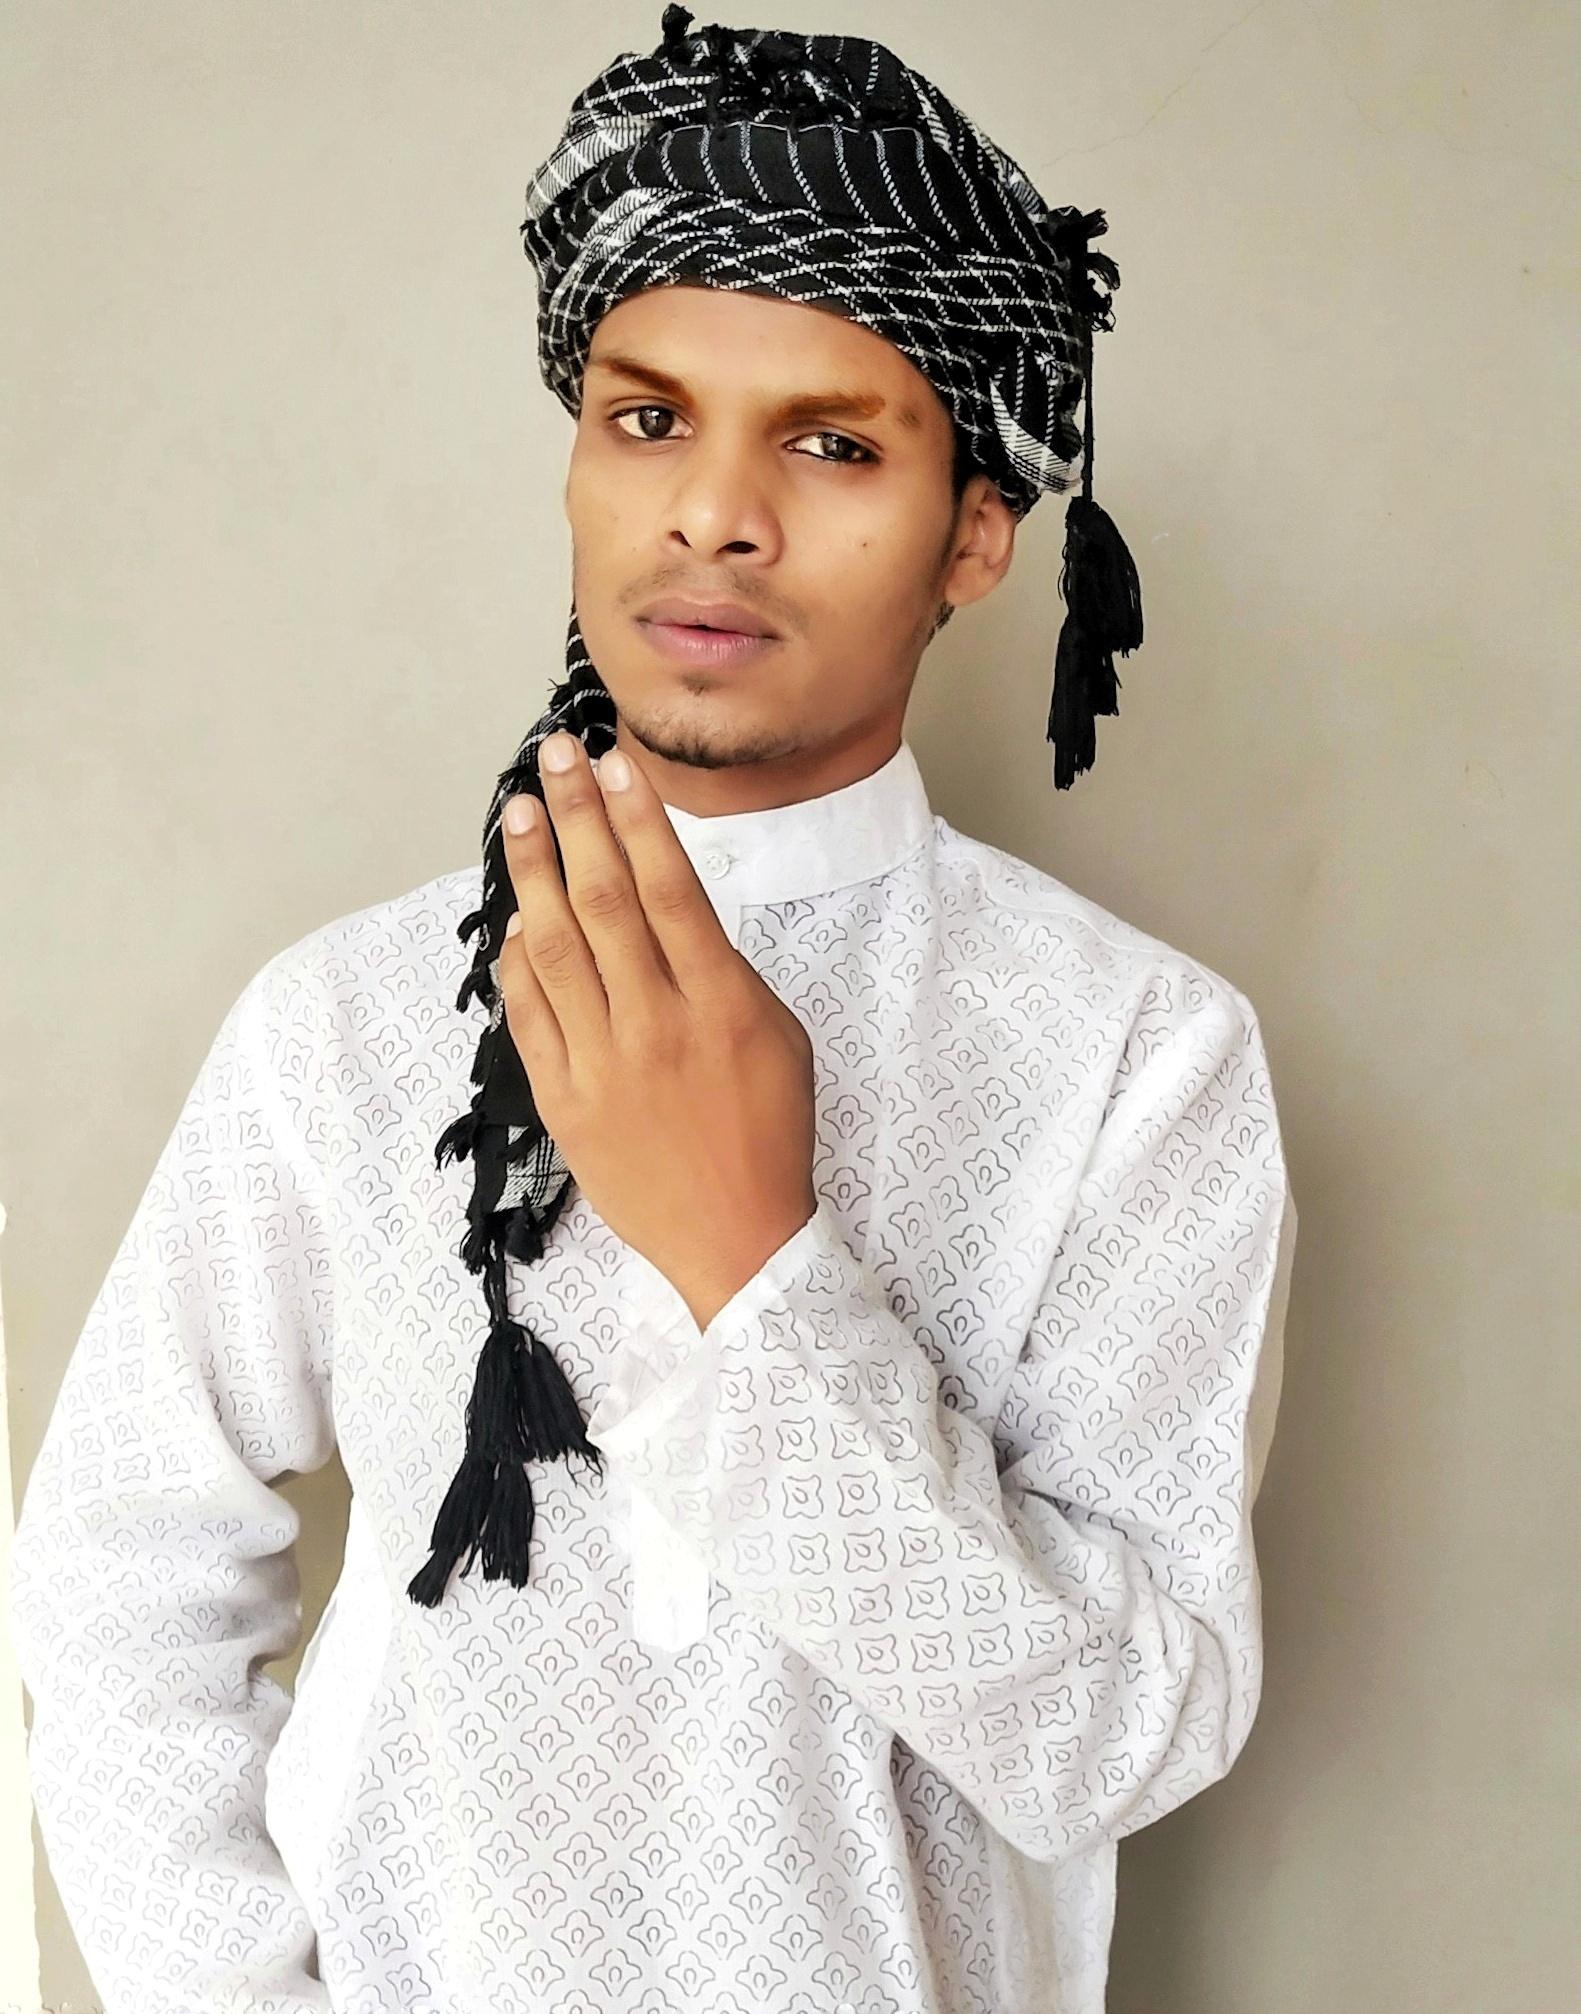 A Muslim boy